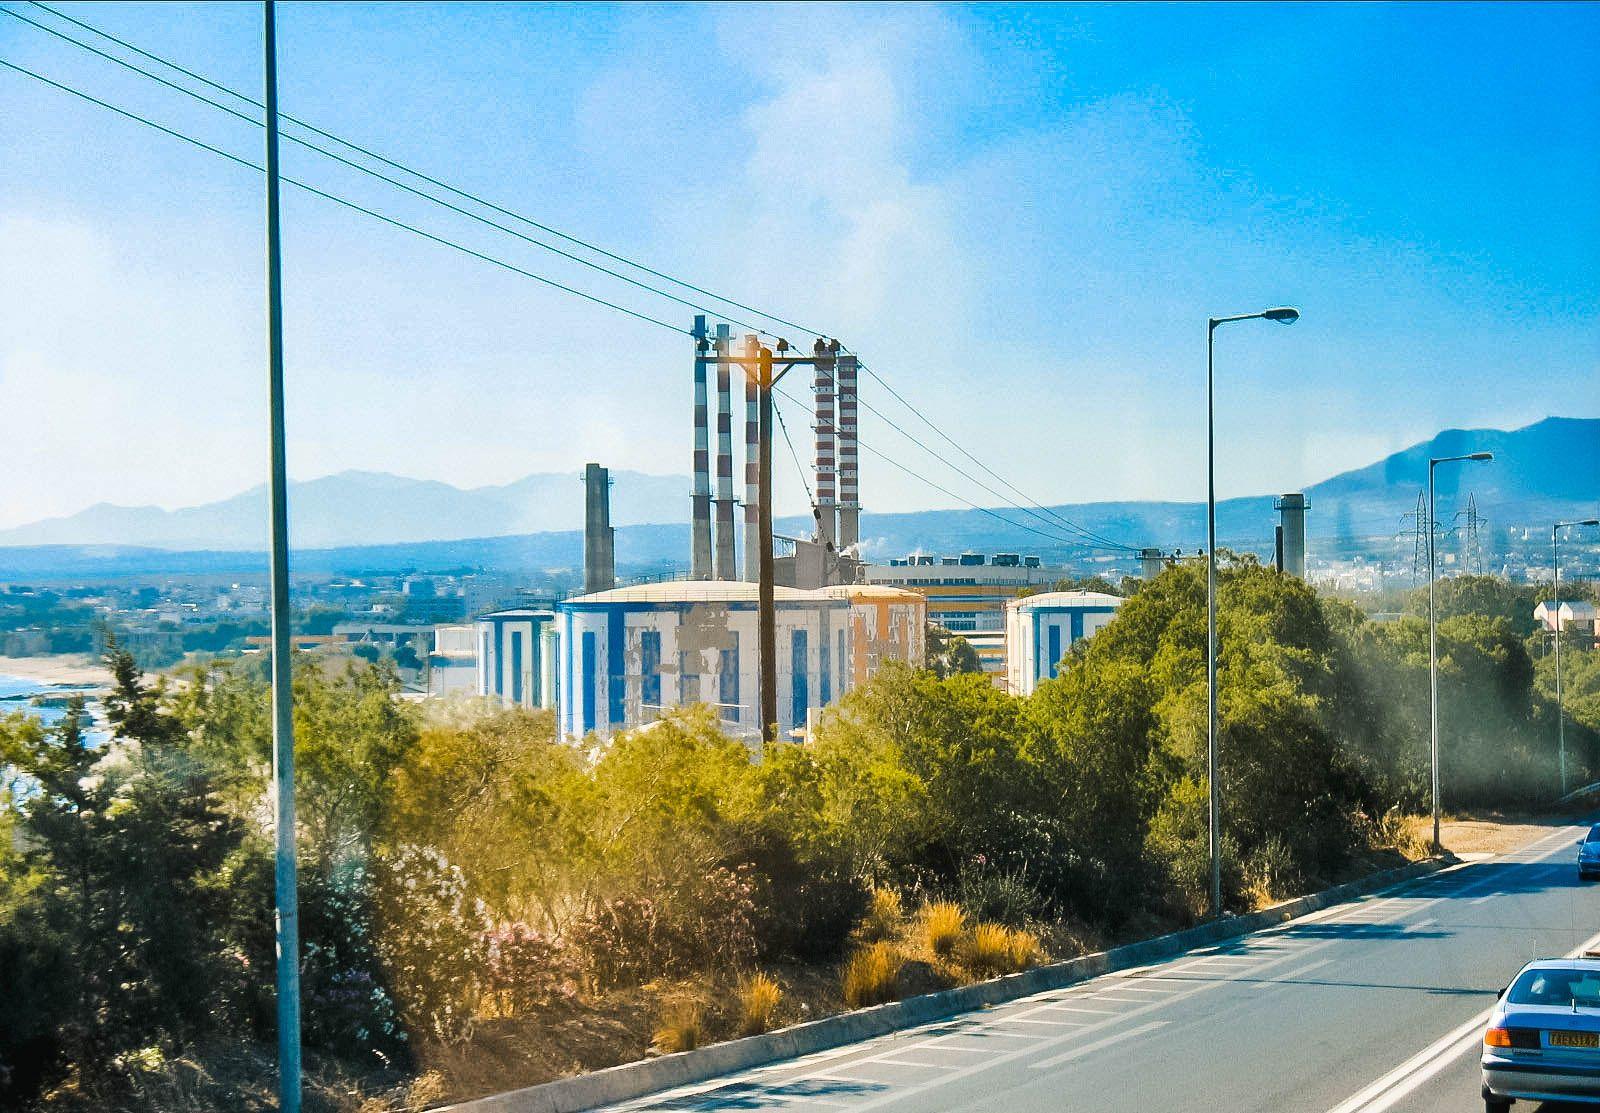 Ираклионская ТЭЦ, Крит (07.06.2006)